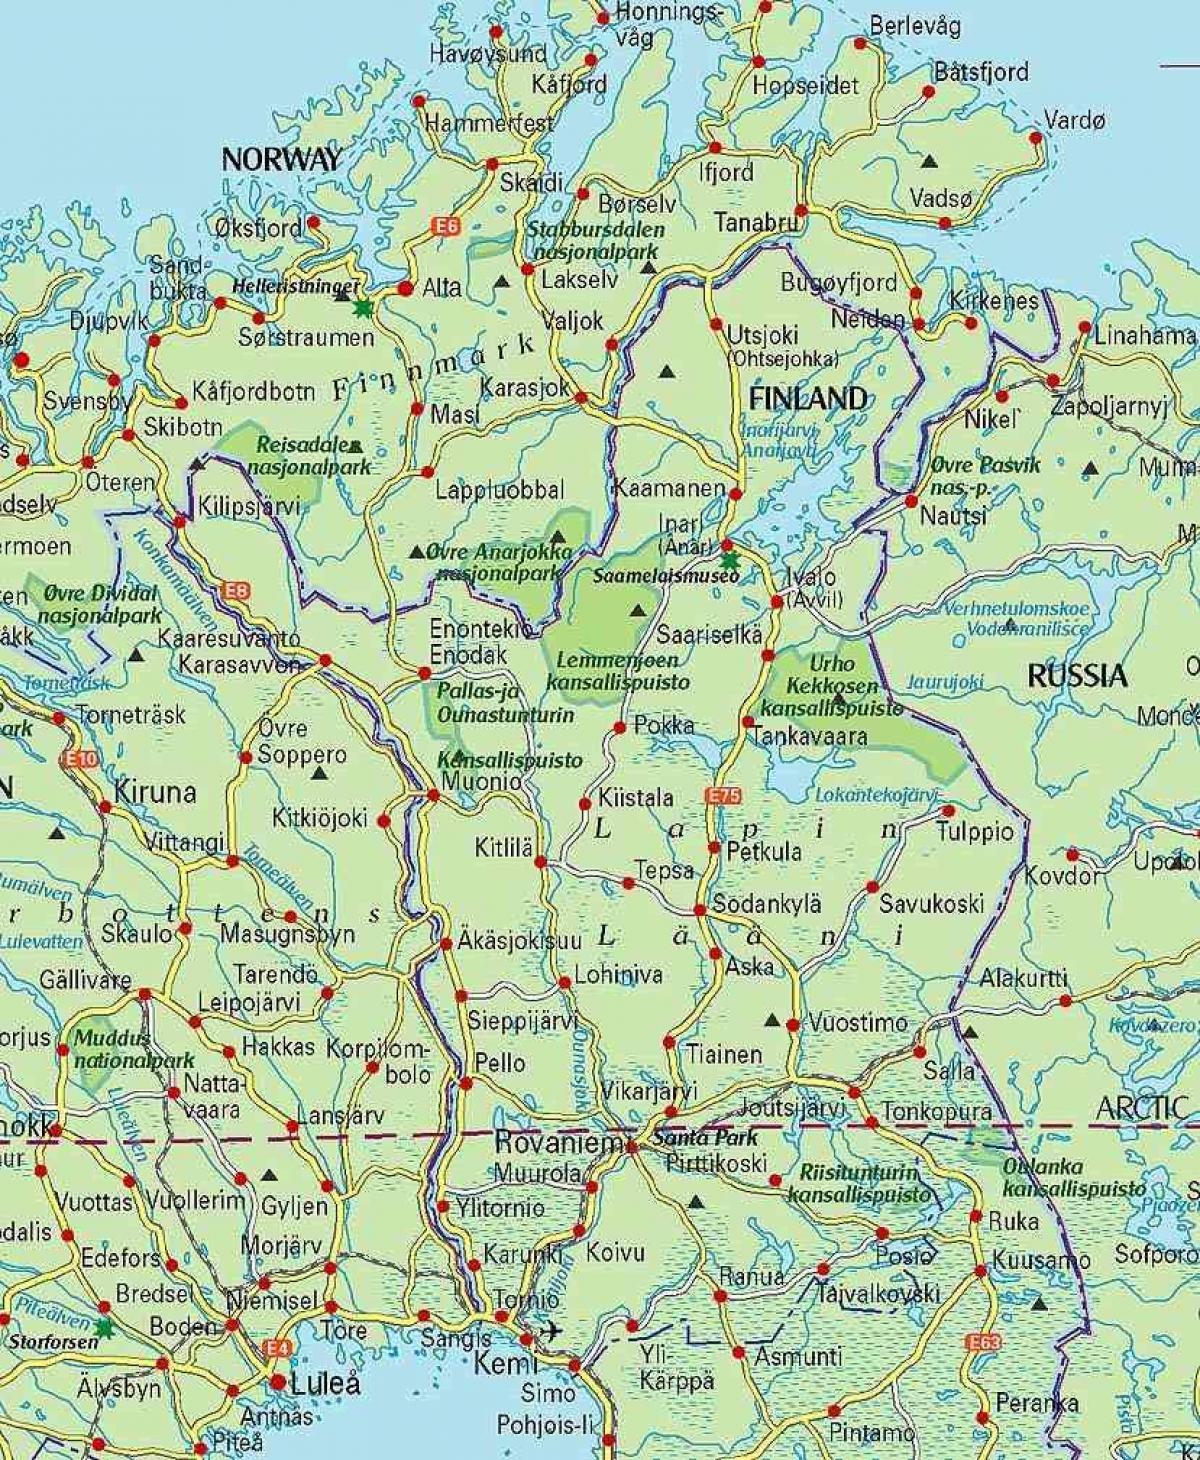 I Lapland Finland Kort Kort Over Finland Og Lapland I Det